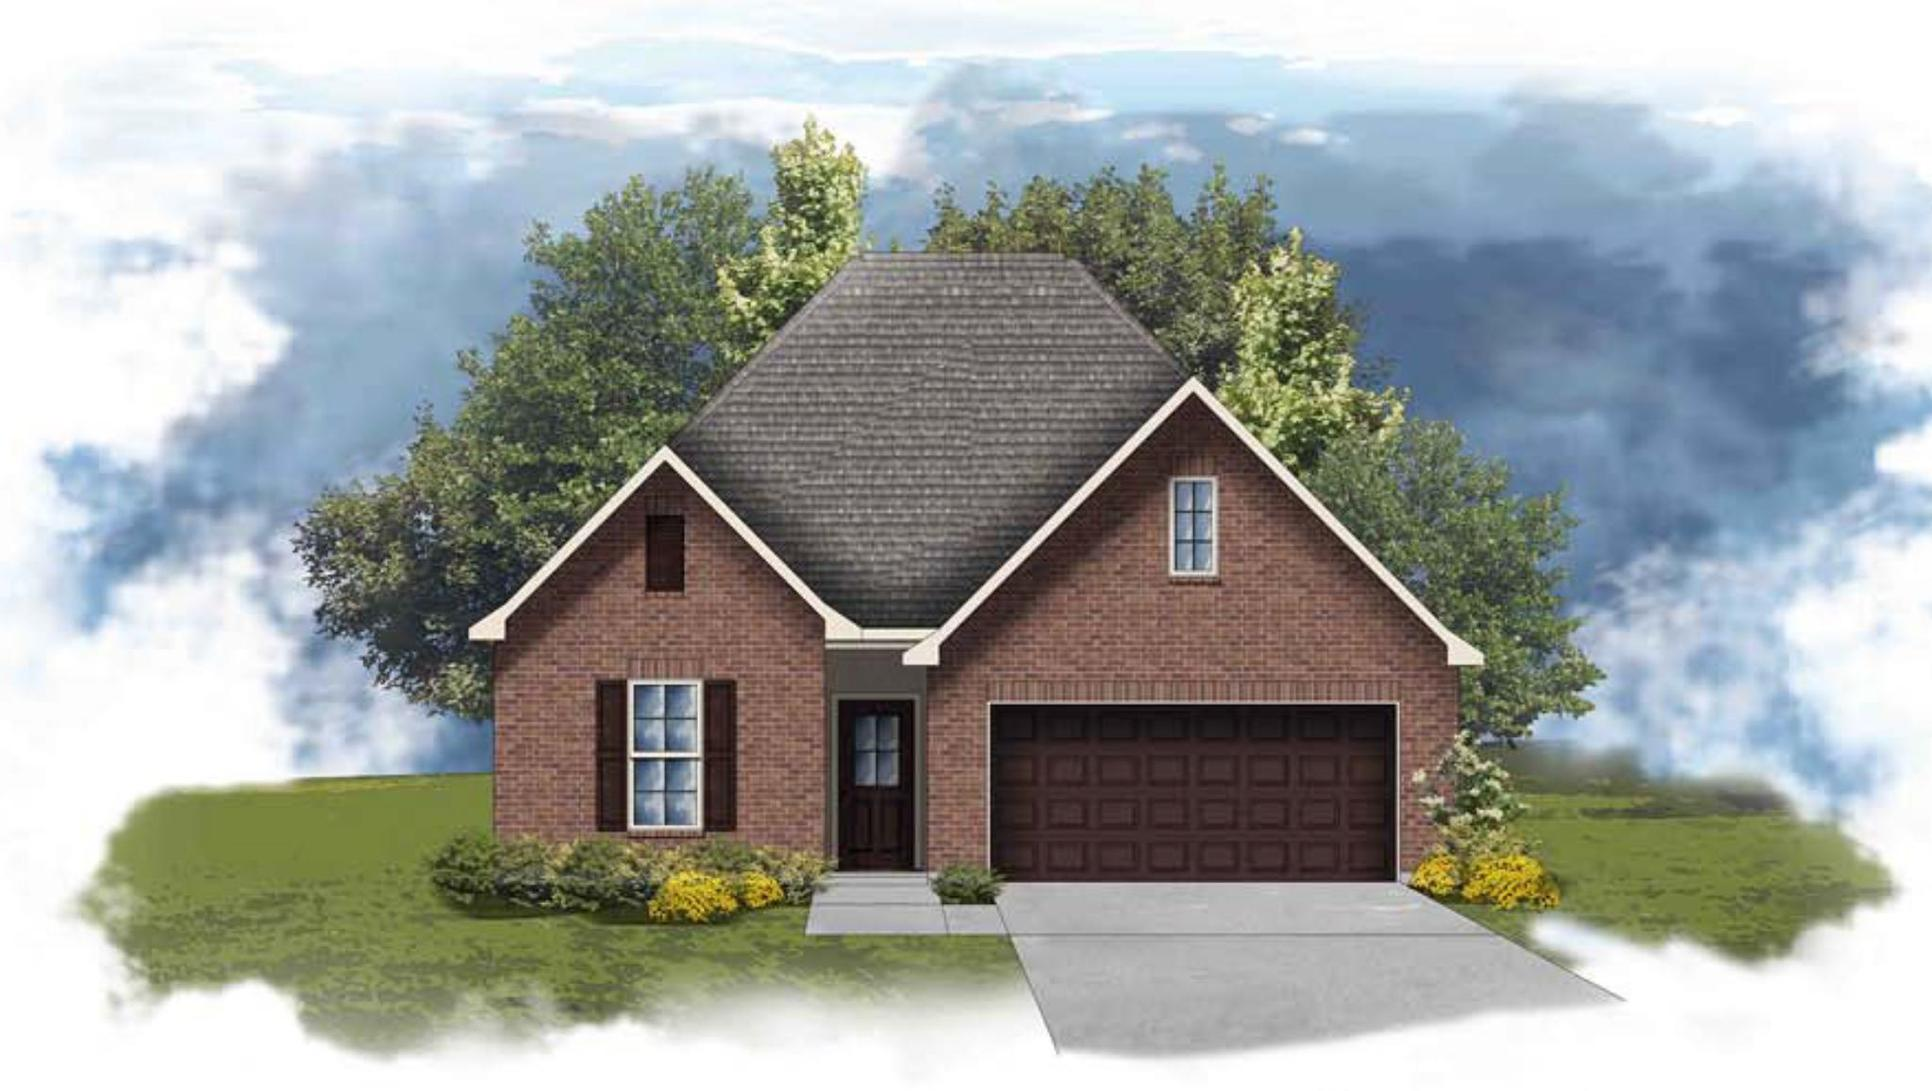 Fleetwood II A - Open Floor Plan - DSLD Homes